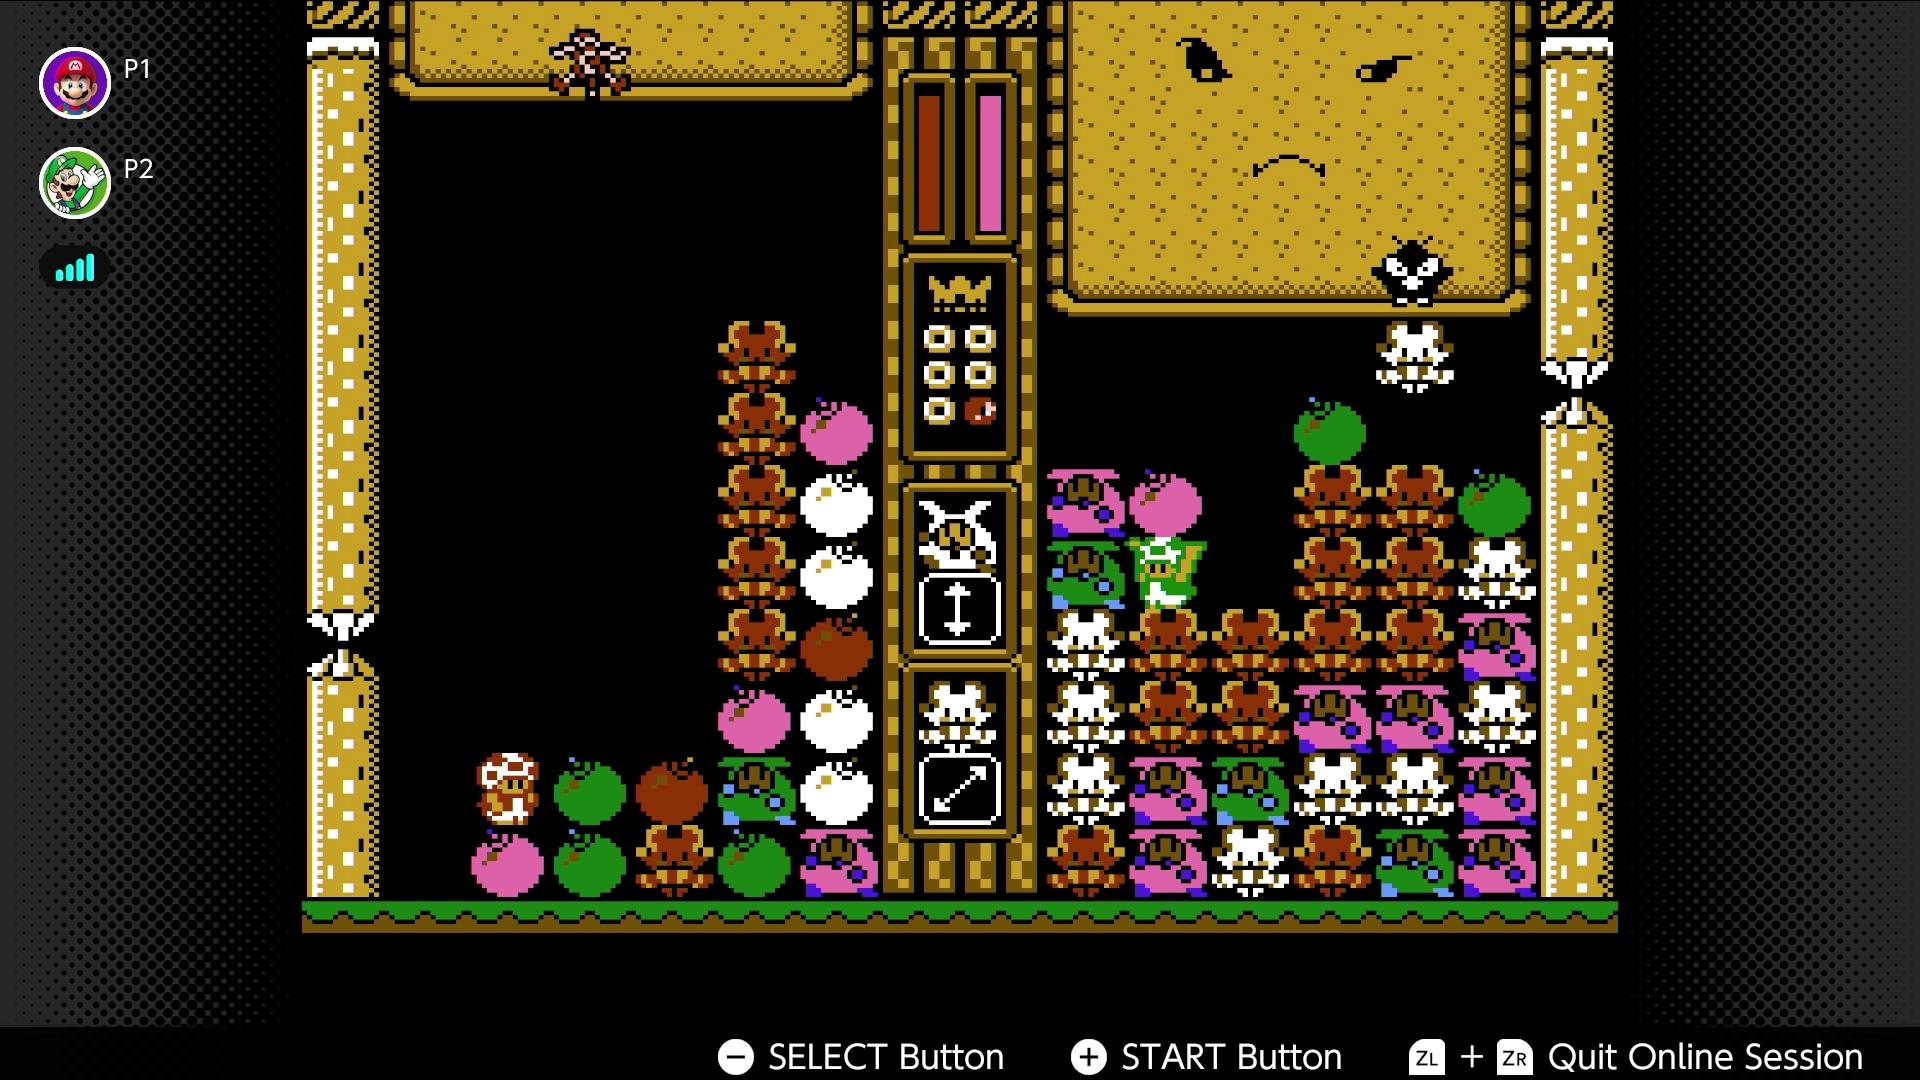 retro Switch Online games